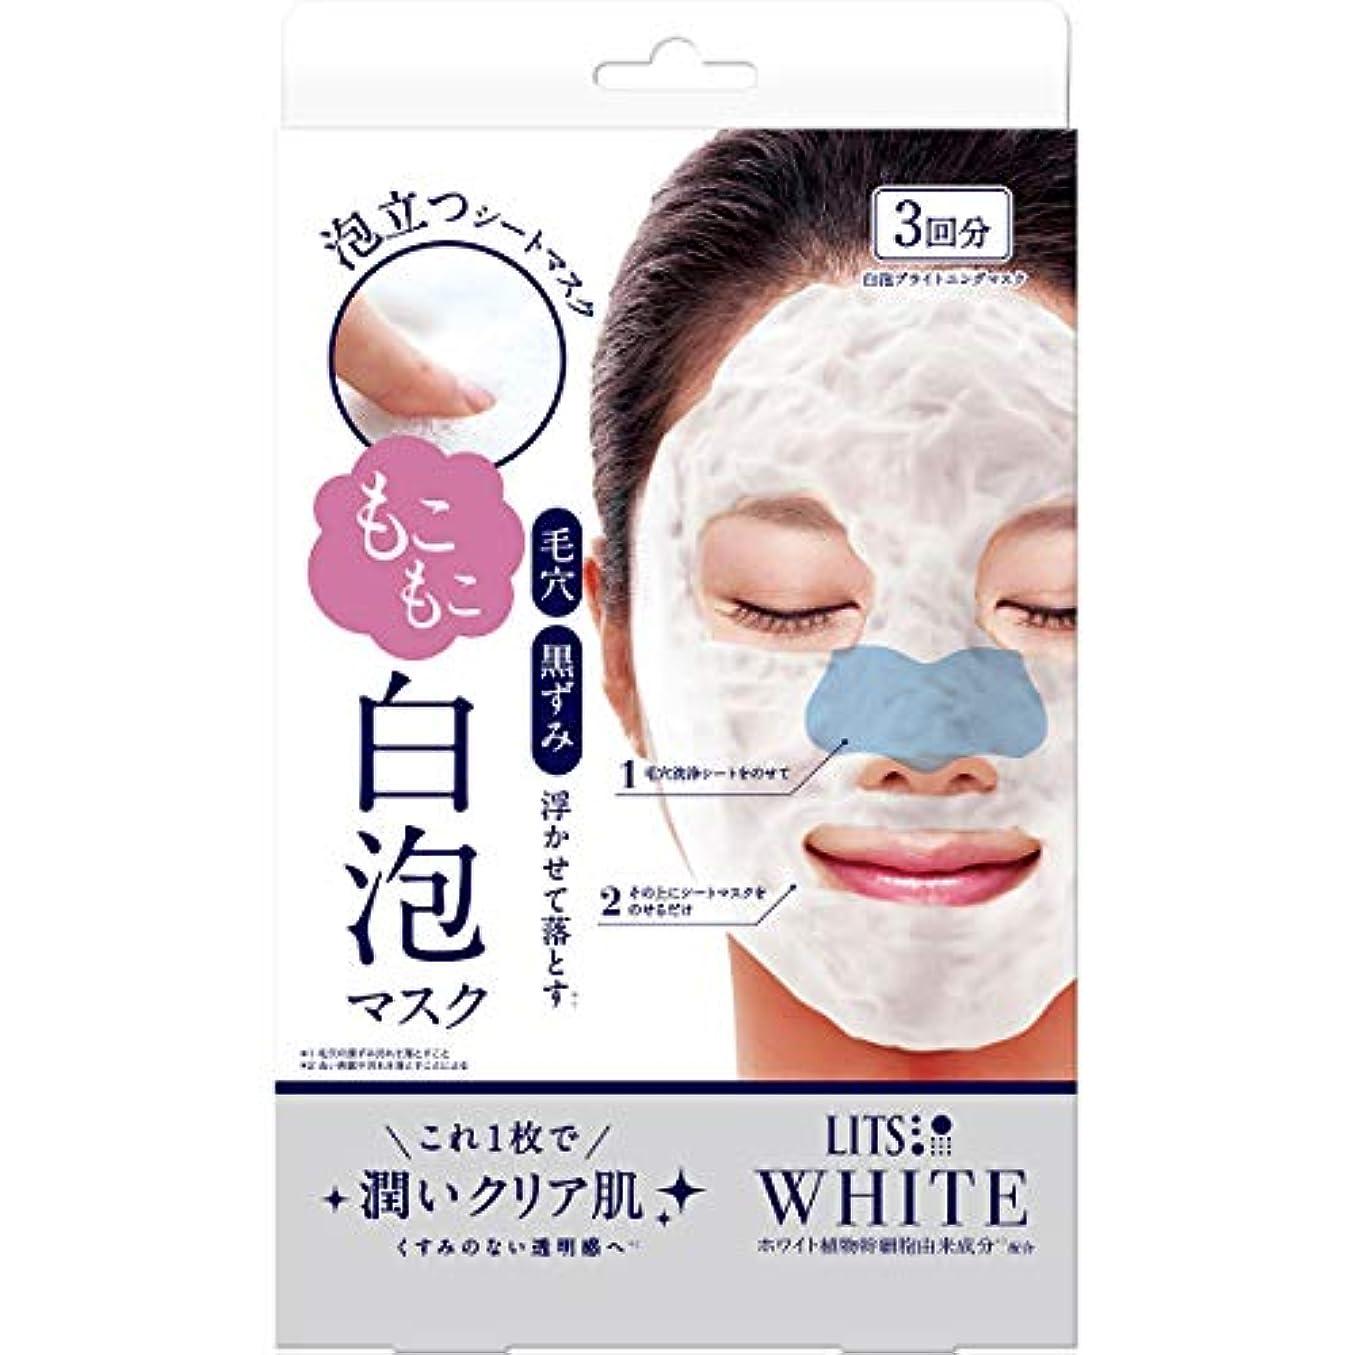 自分の壮大暗くするリッツ ホワイト もこもこ白泡マスク 3枚